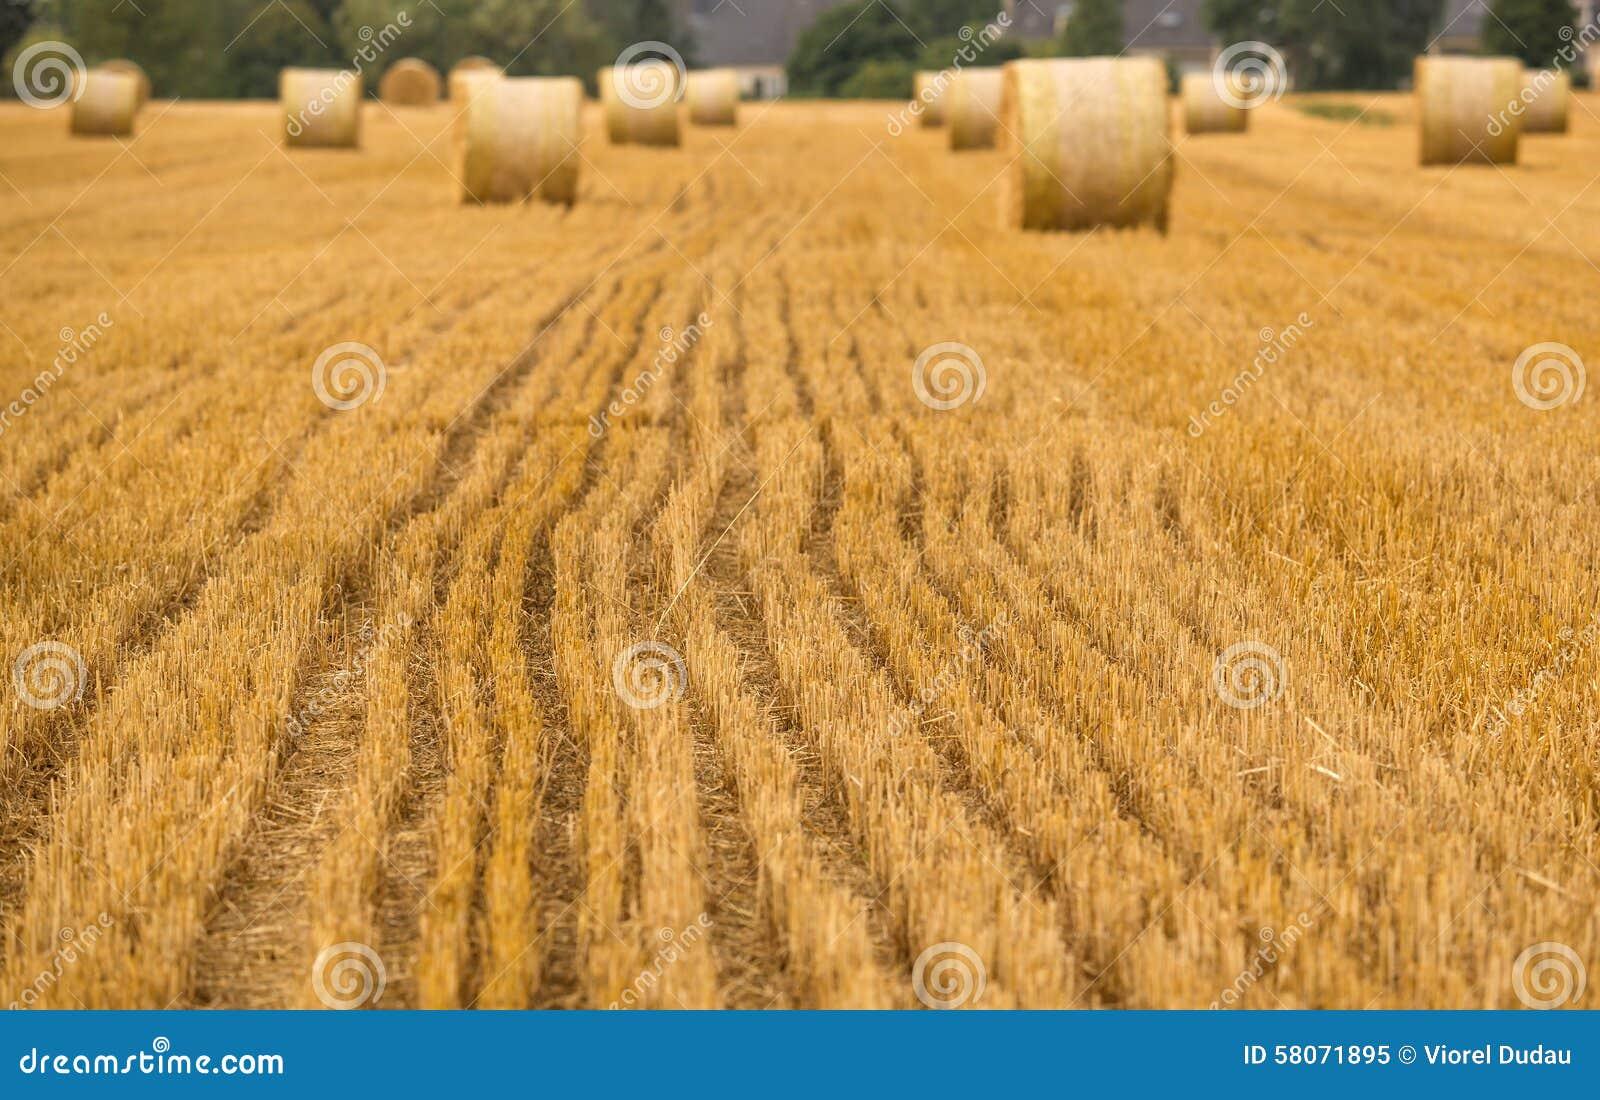 Dettagli del campo di agricoltura